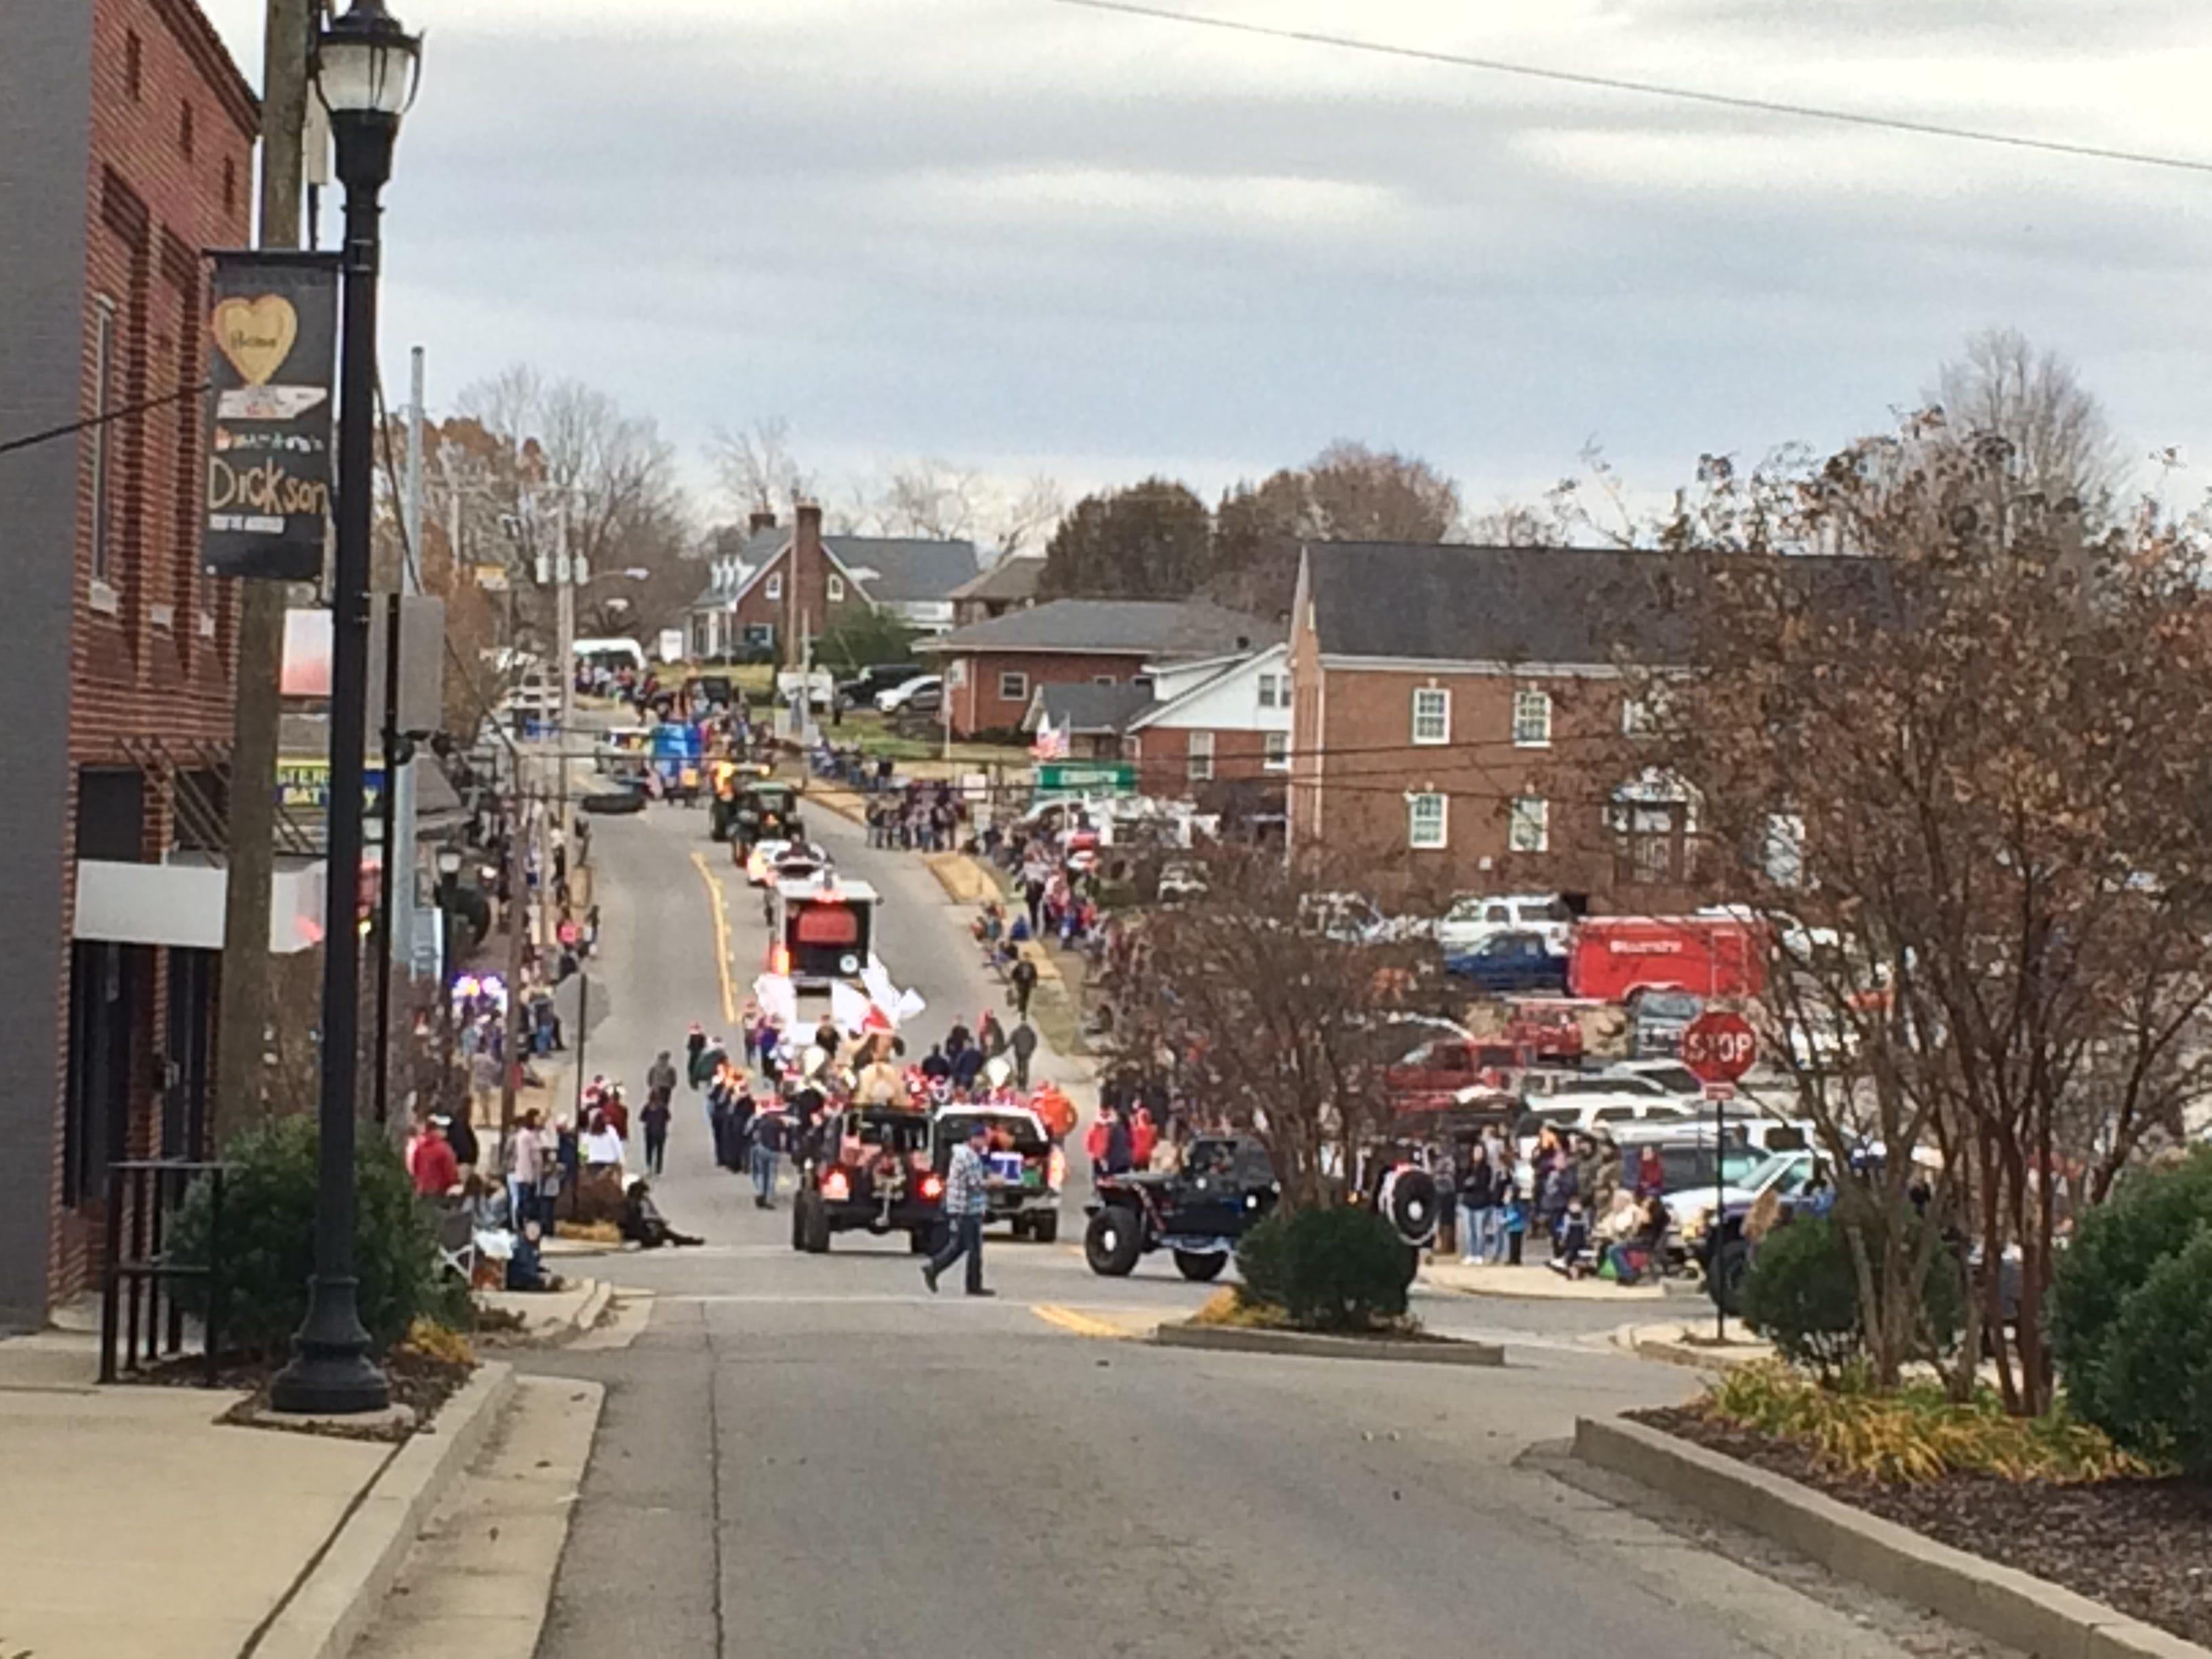 Dickson Christmas Parade on Sunday in Downtown Dickson.